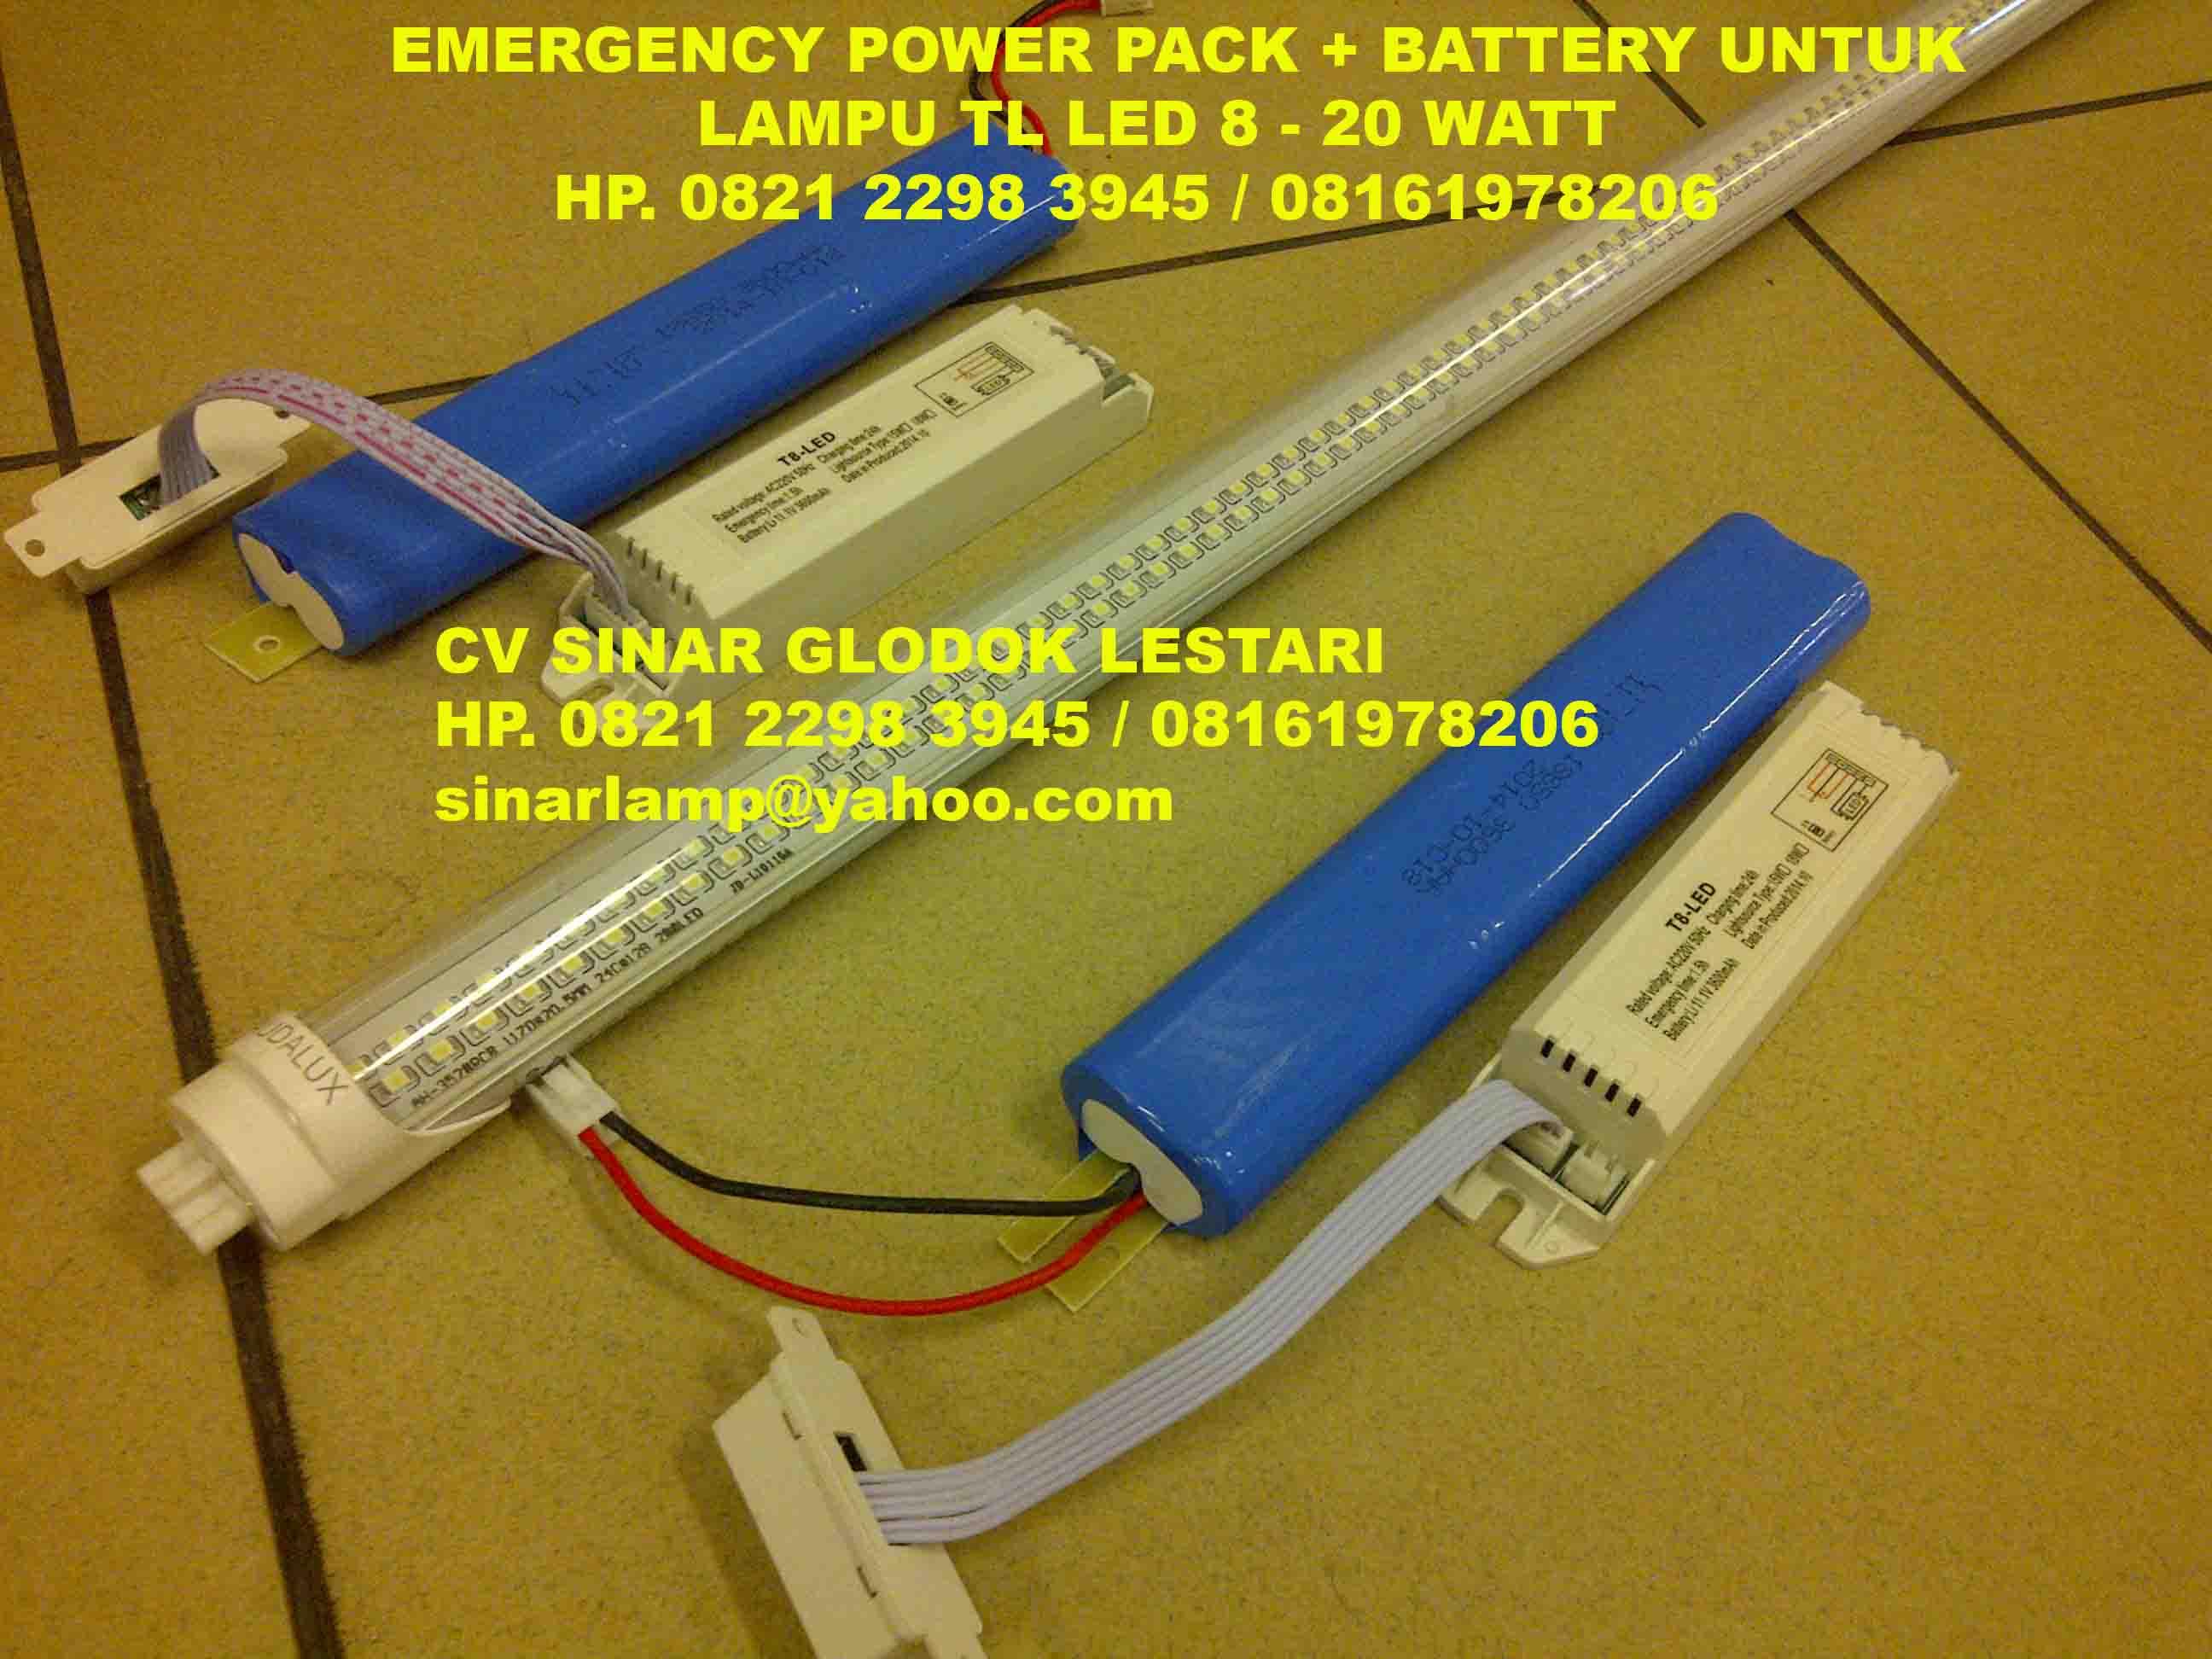 lampu emergency exit lampu emergency powerpack kit tl led 18w rh sinarglodok com 40 Watt Harga Lampu TL Lampu Bulat TL